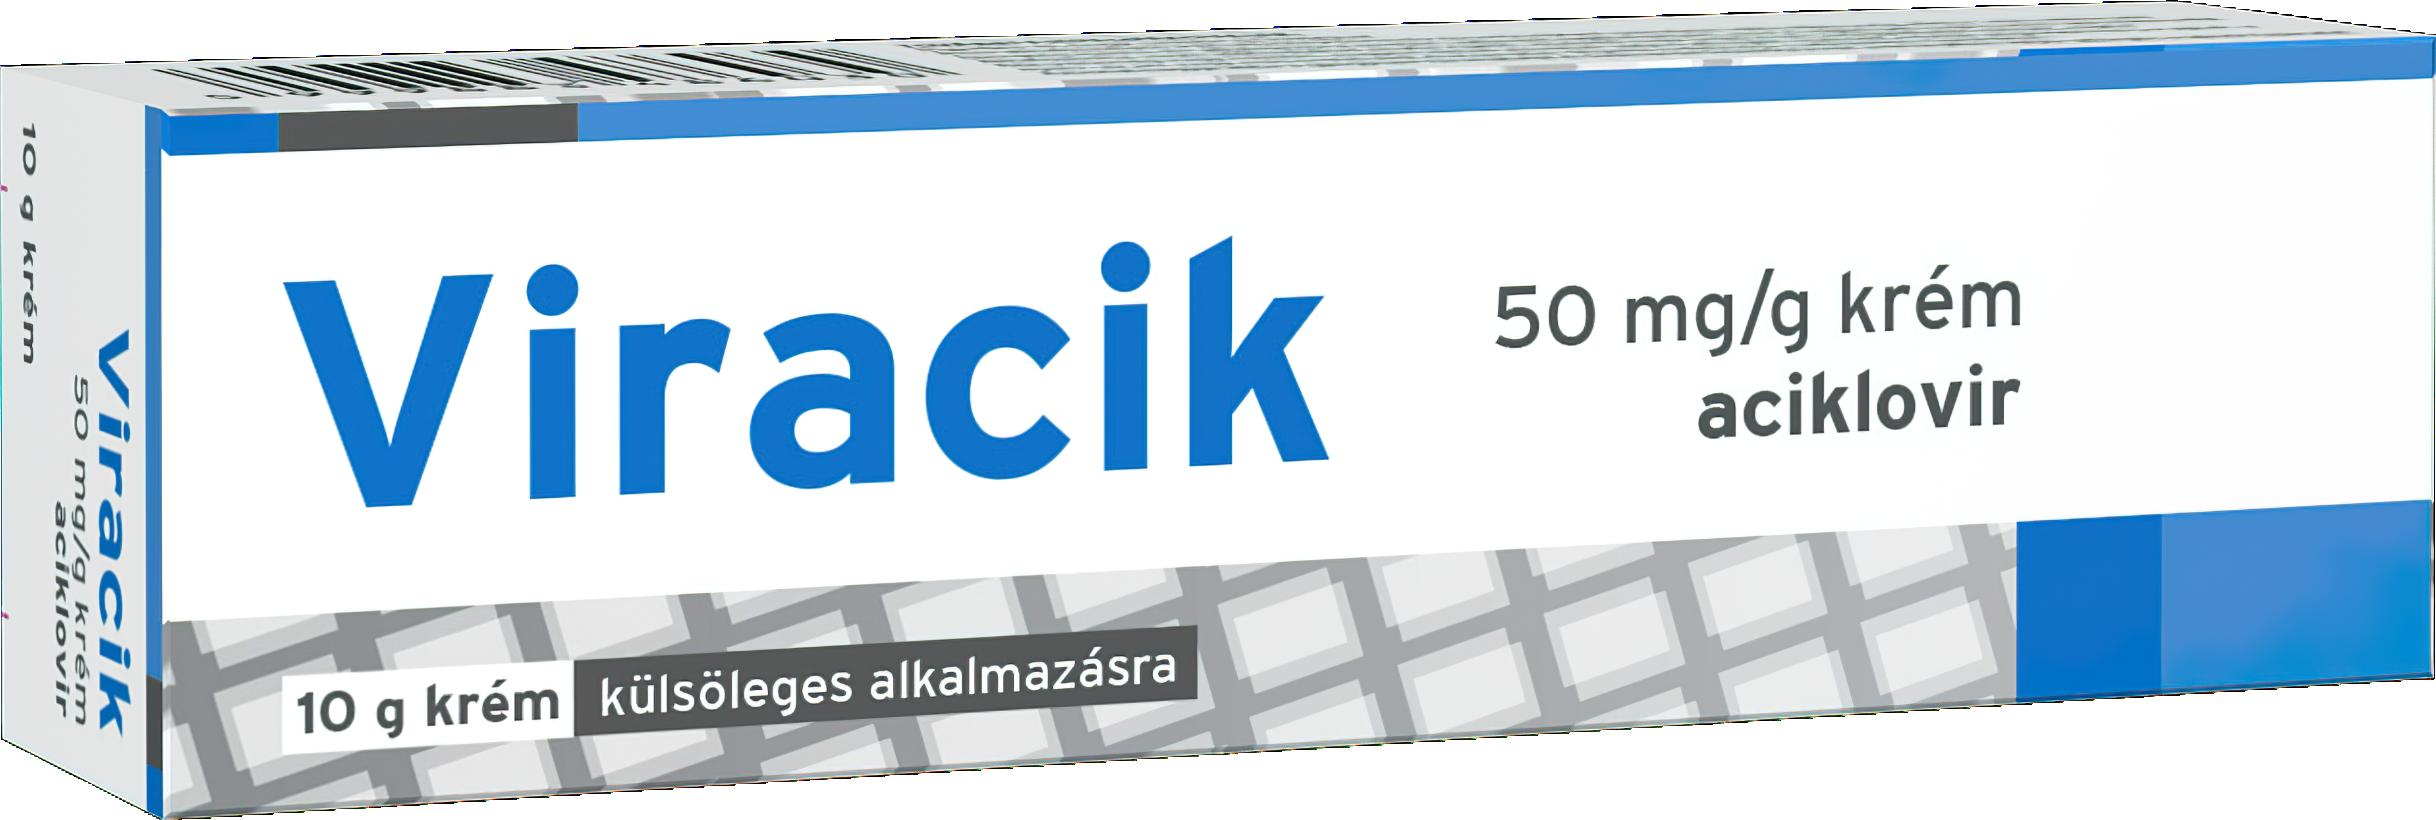 Viracik 50 mg/g krém 1x10g